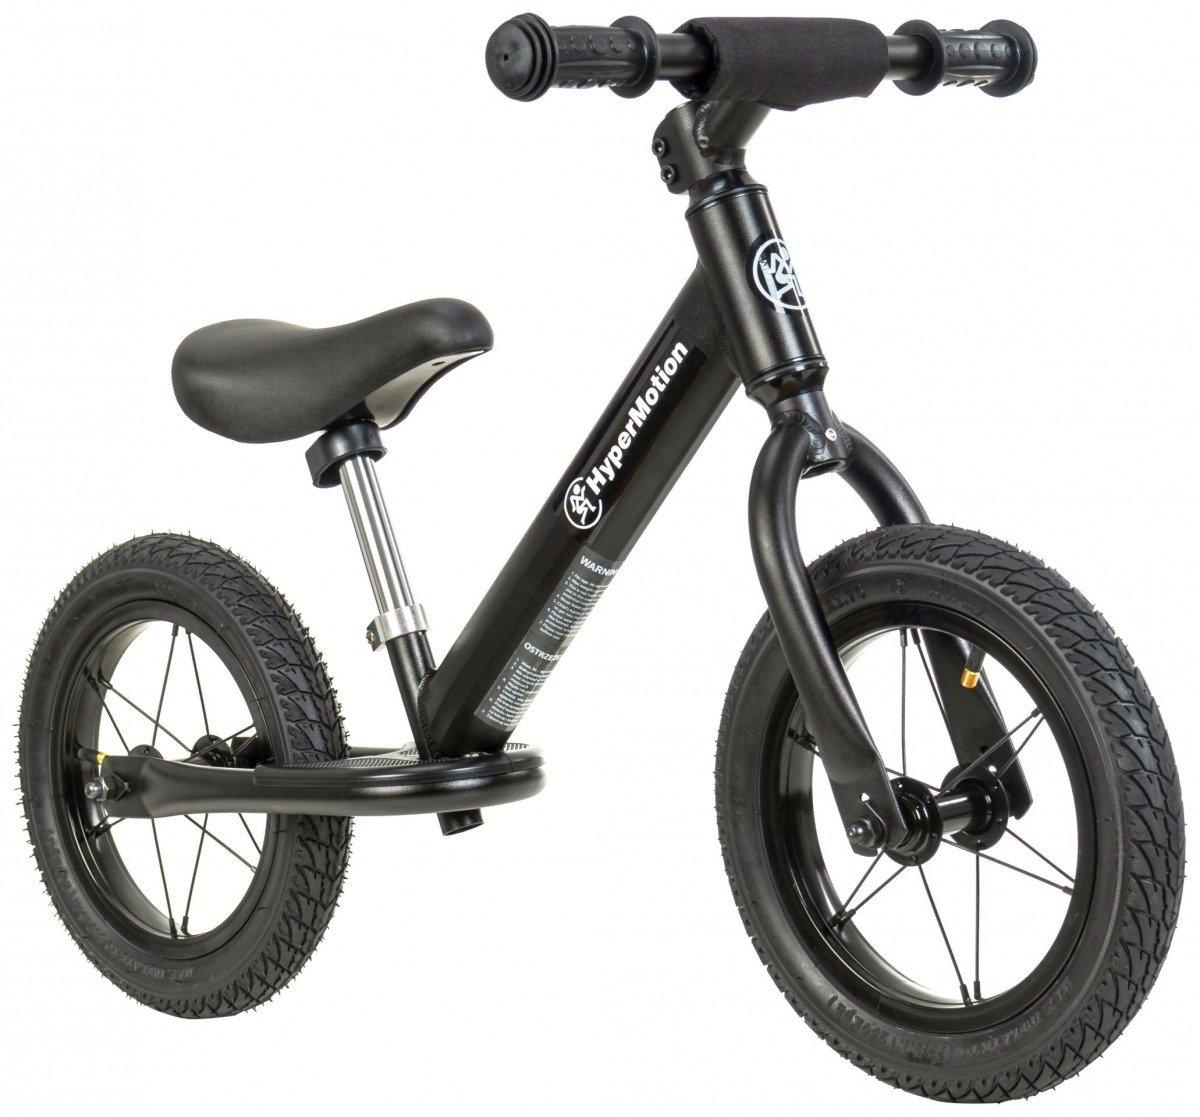 Rowerek biegowy HyperMotion COVAGGIO - pompowane koła, aluminiowa rama - czarny